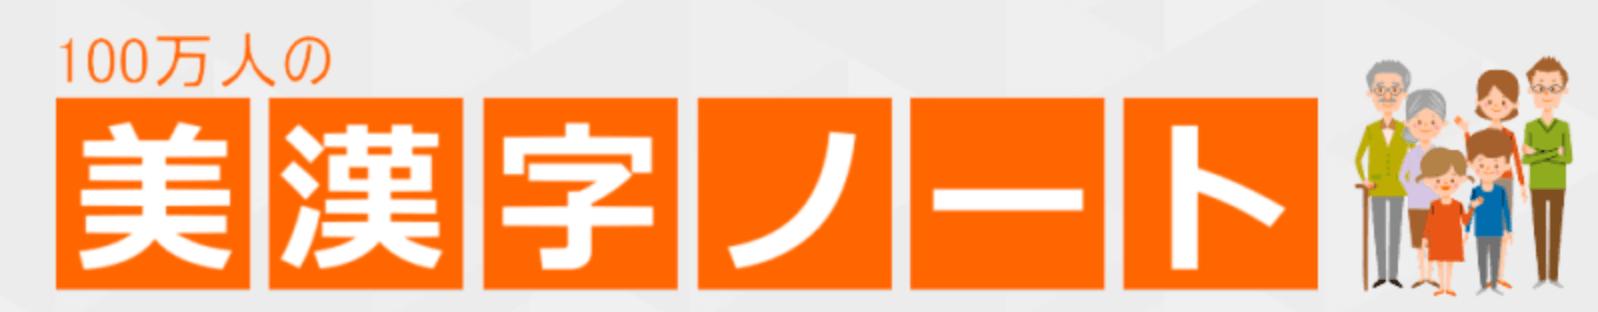 100万人の美漢字ノート